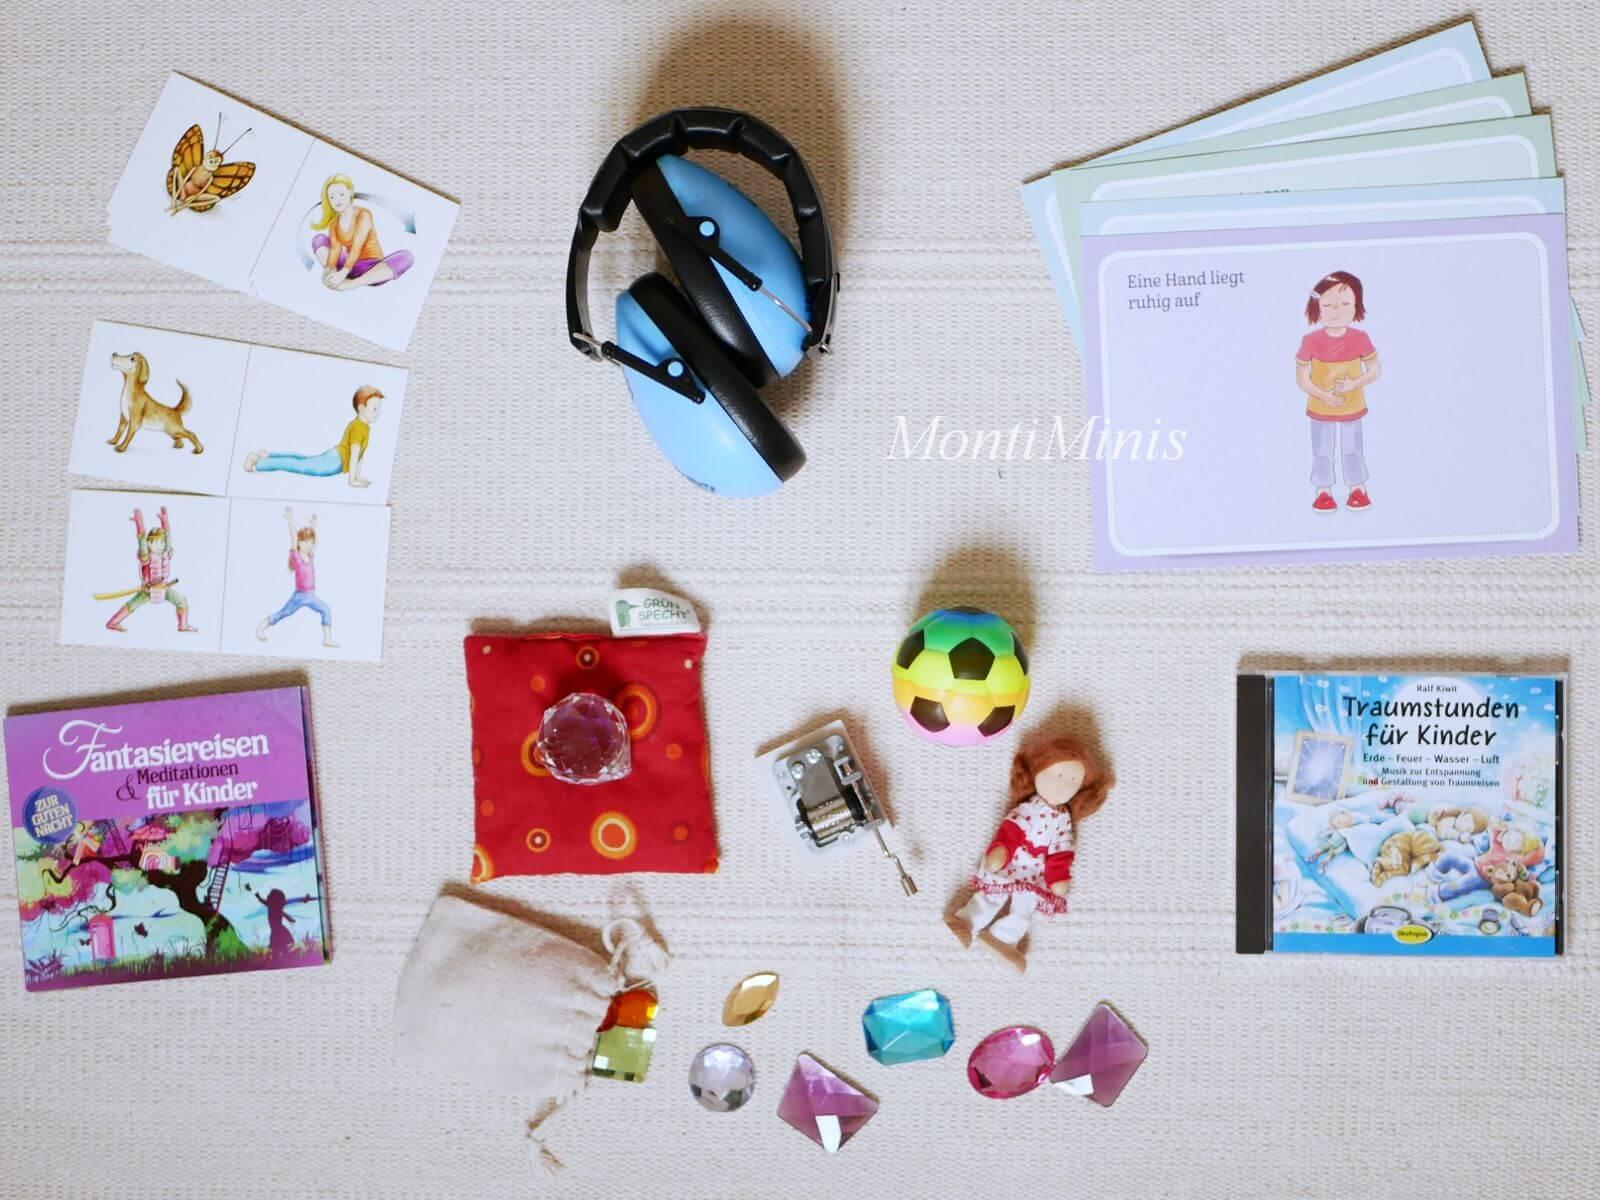 Montessori Zuhause: Eine Ruheecke für Kinder zum Lesen und Entspannen, Achtsamkeit, Kinderyoga, Buddha Board, Waldorf - montiminis.com